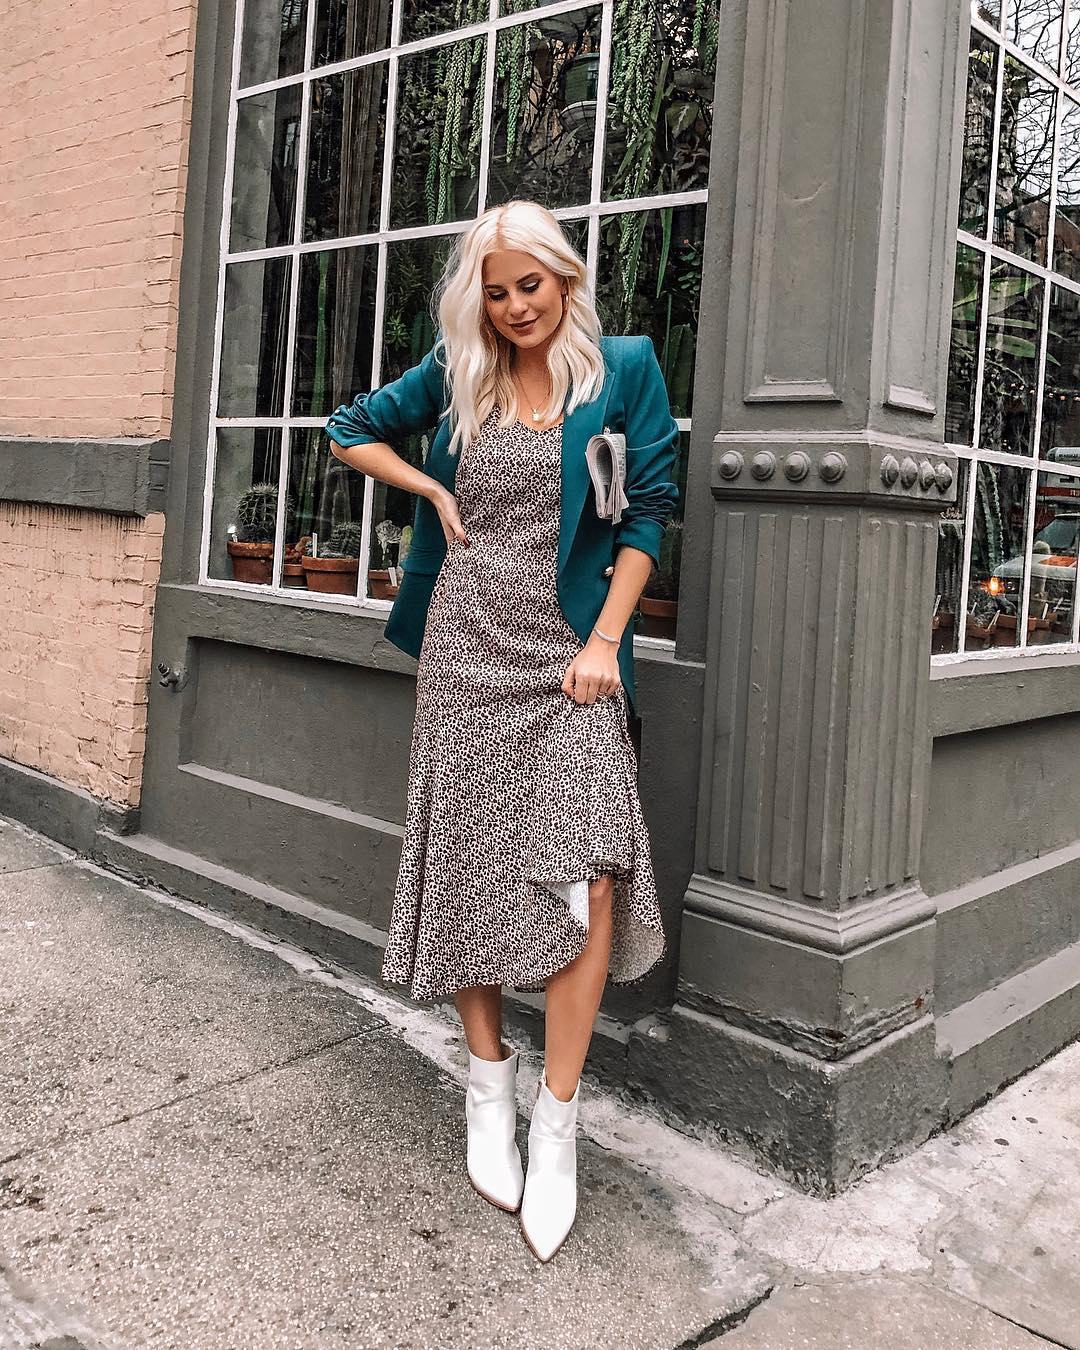 модный летние образы для бизнес-леди фото 5